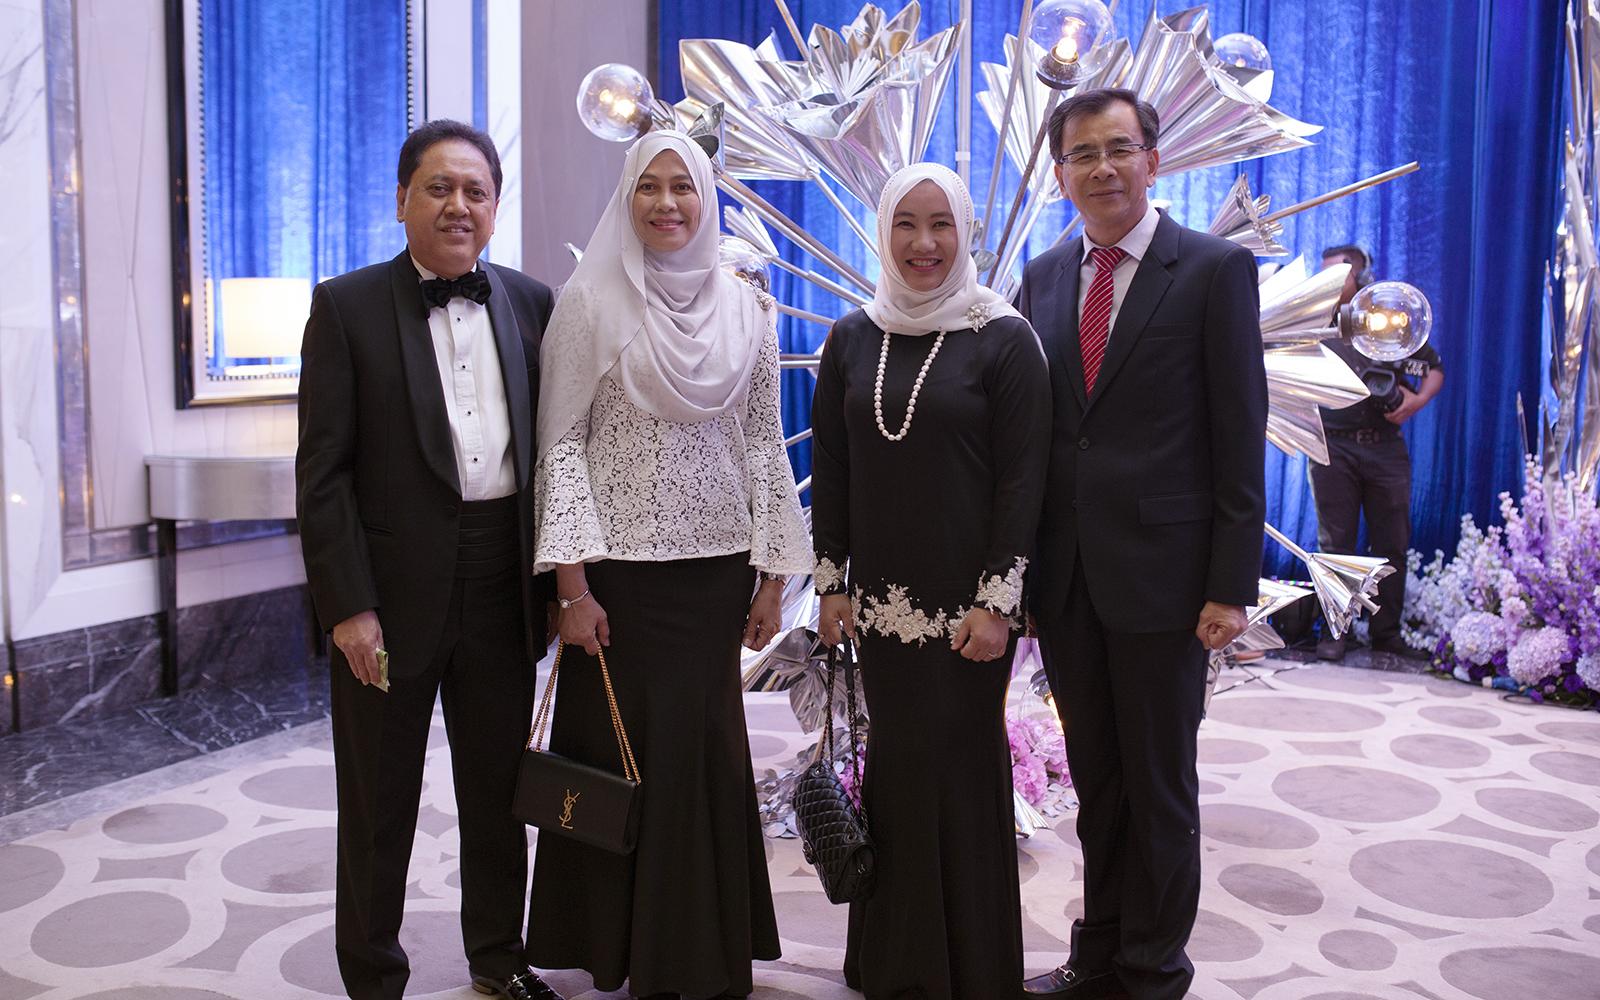 Syed Abu Hanifah, Sharifah Zuraina Bt Syed Zainol Rashid, Datin Ungku Ashiela and Datuk Wira Roslan Abdul Rahman